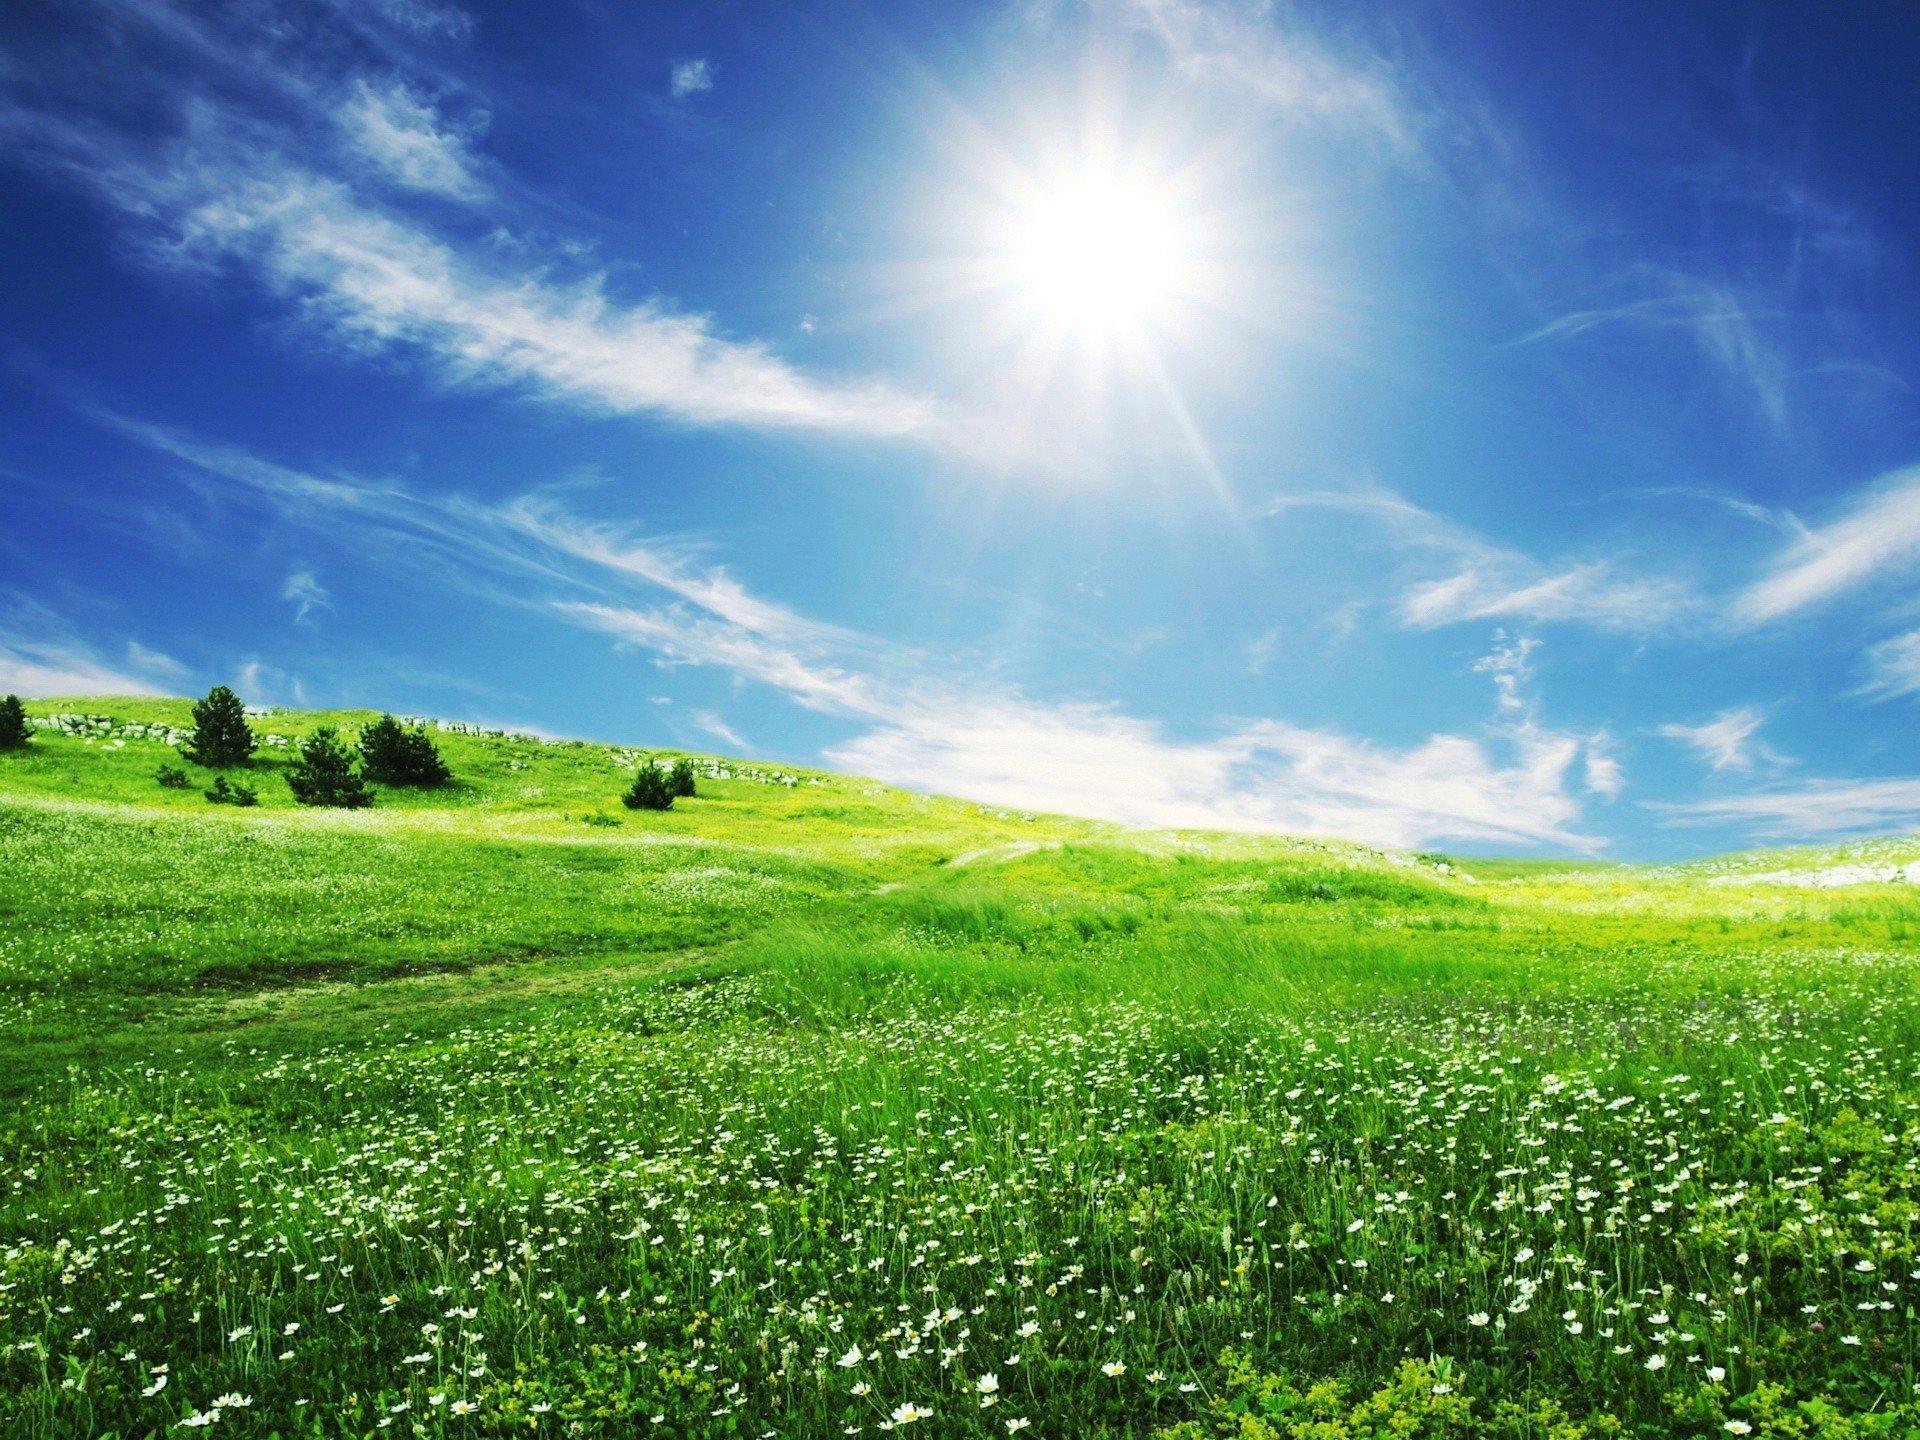 Картинки с голубым небом и солнцем